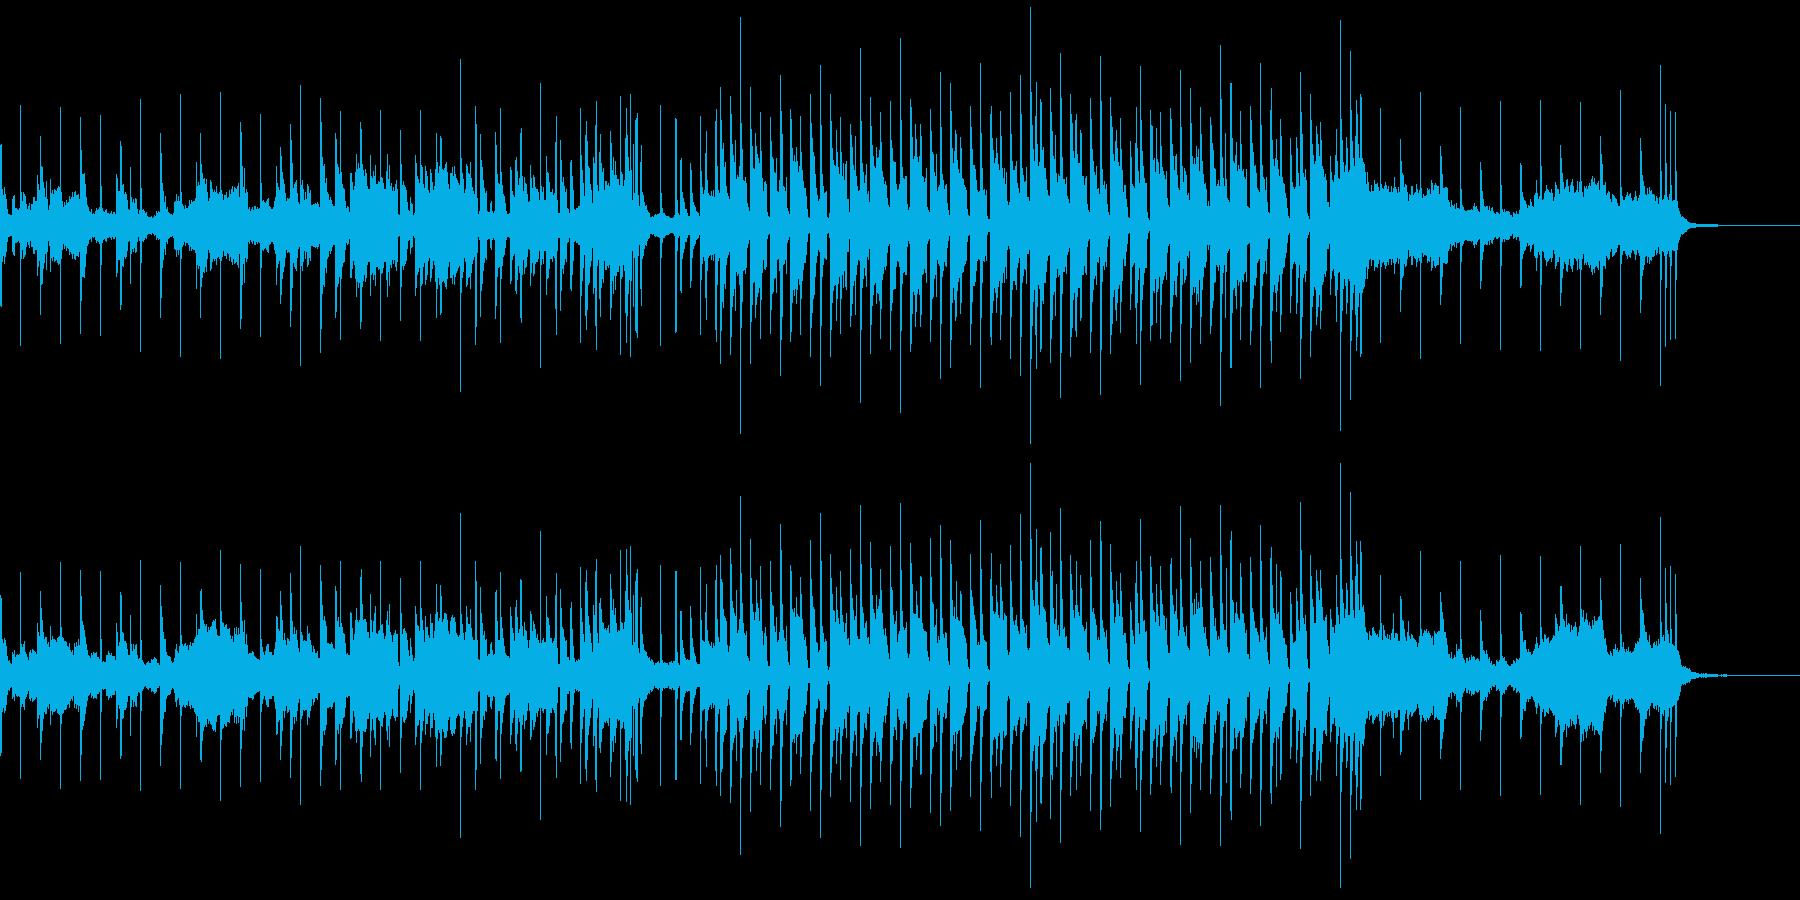 浮遊感のあるJAZZソウルサックスBGMの再生済みの波形